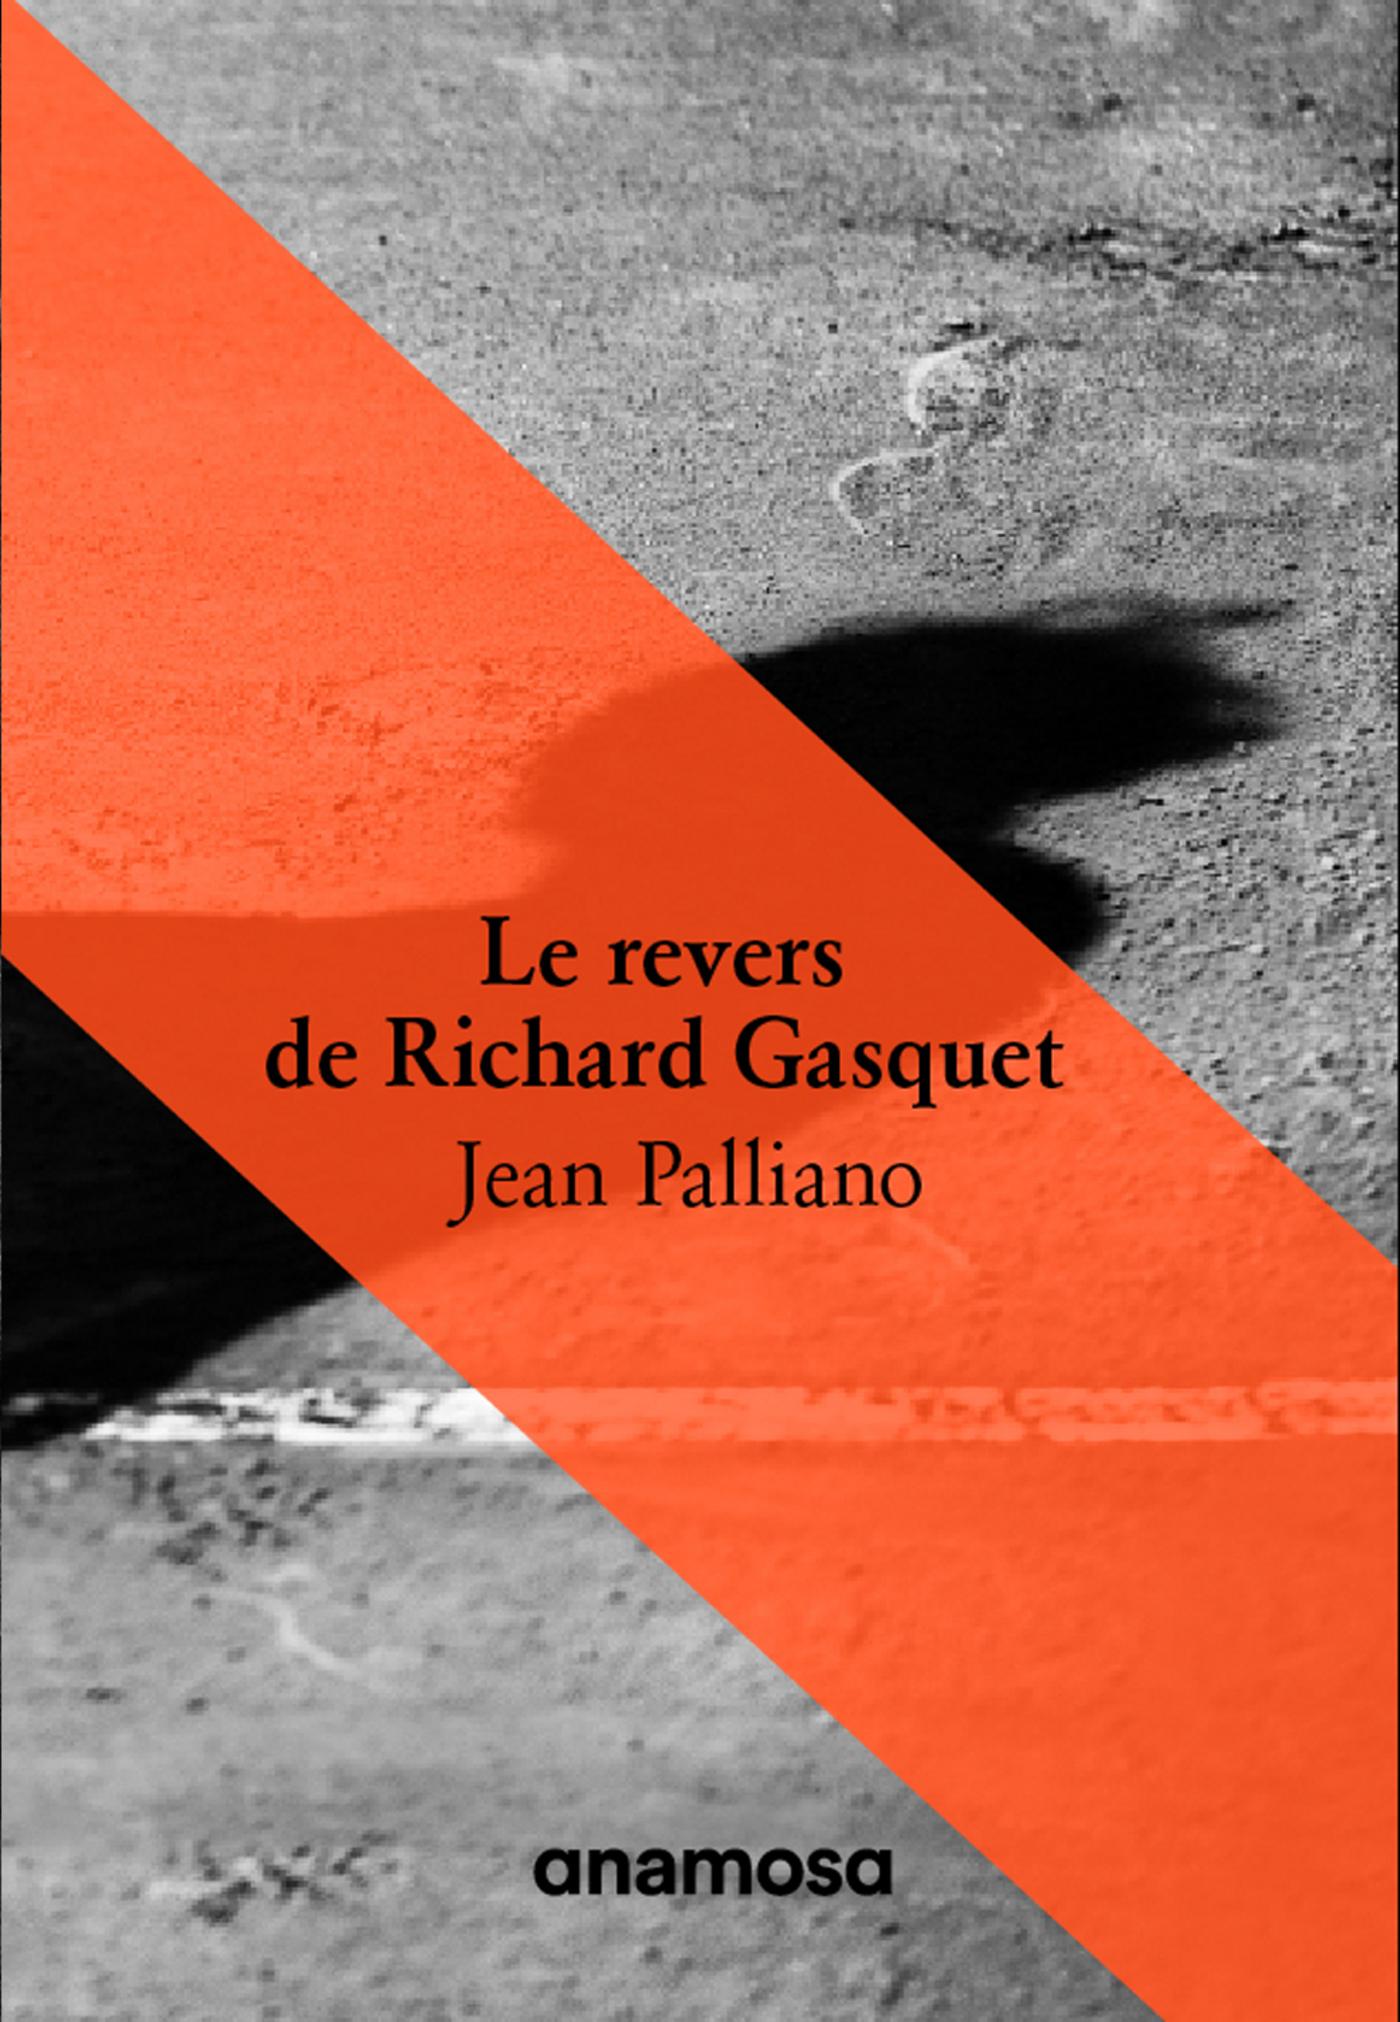 Le revers de Richard Gasquet